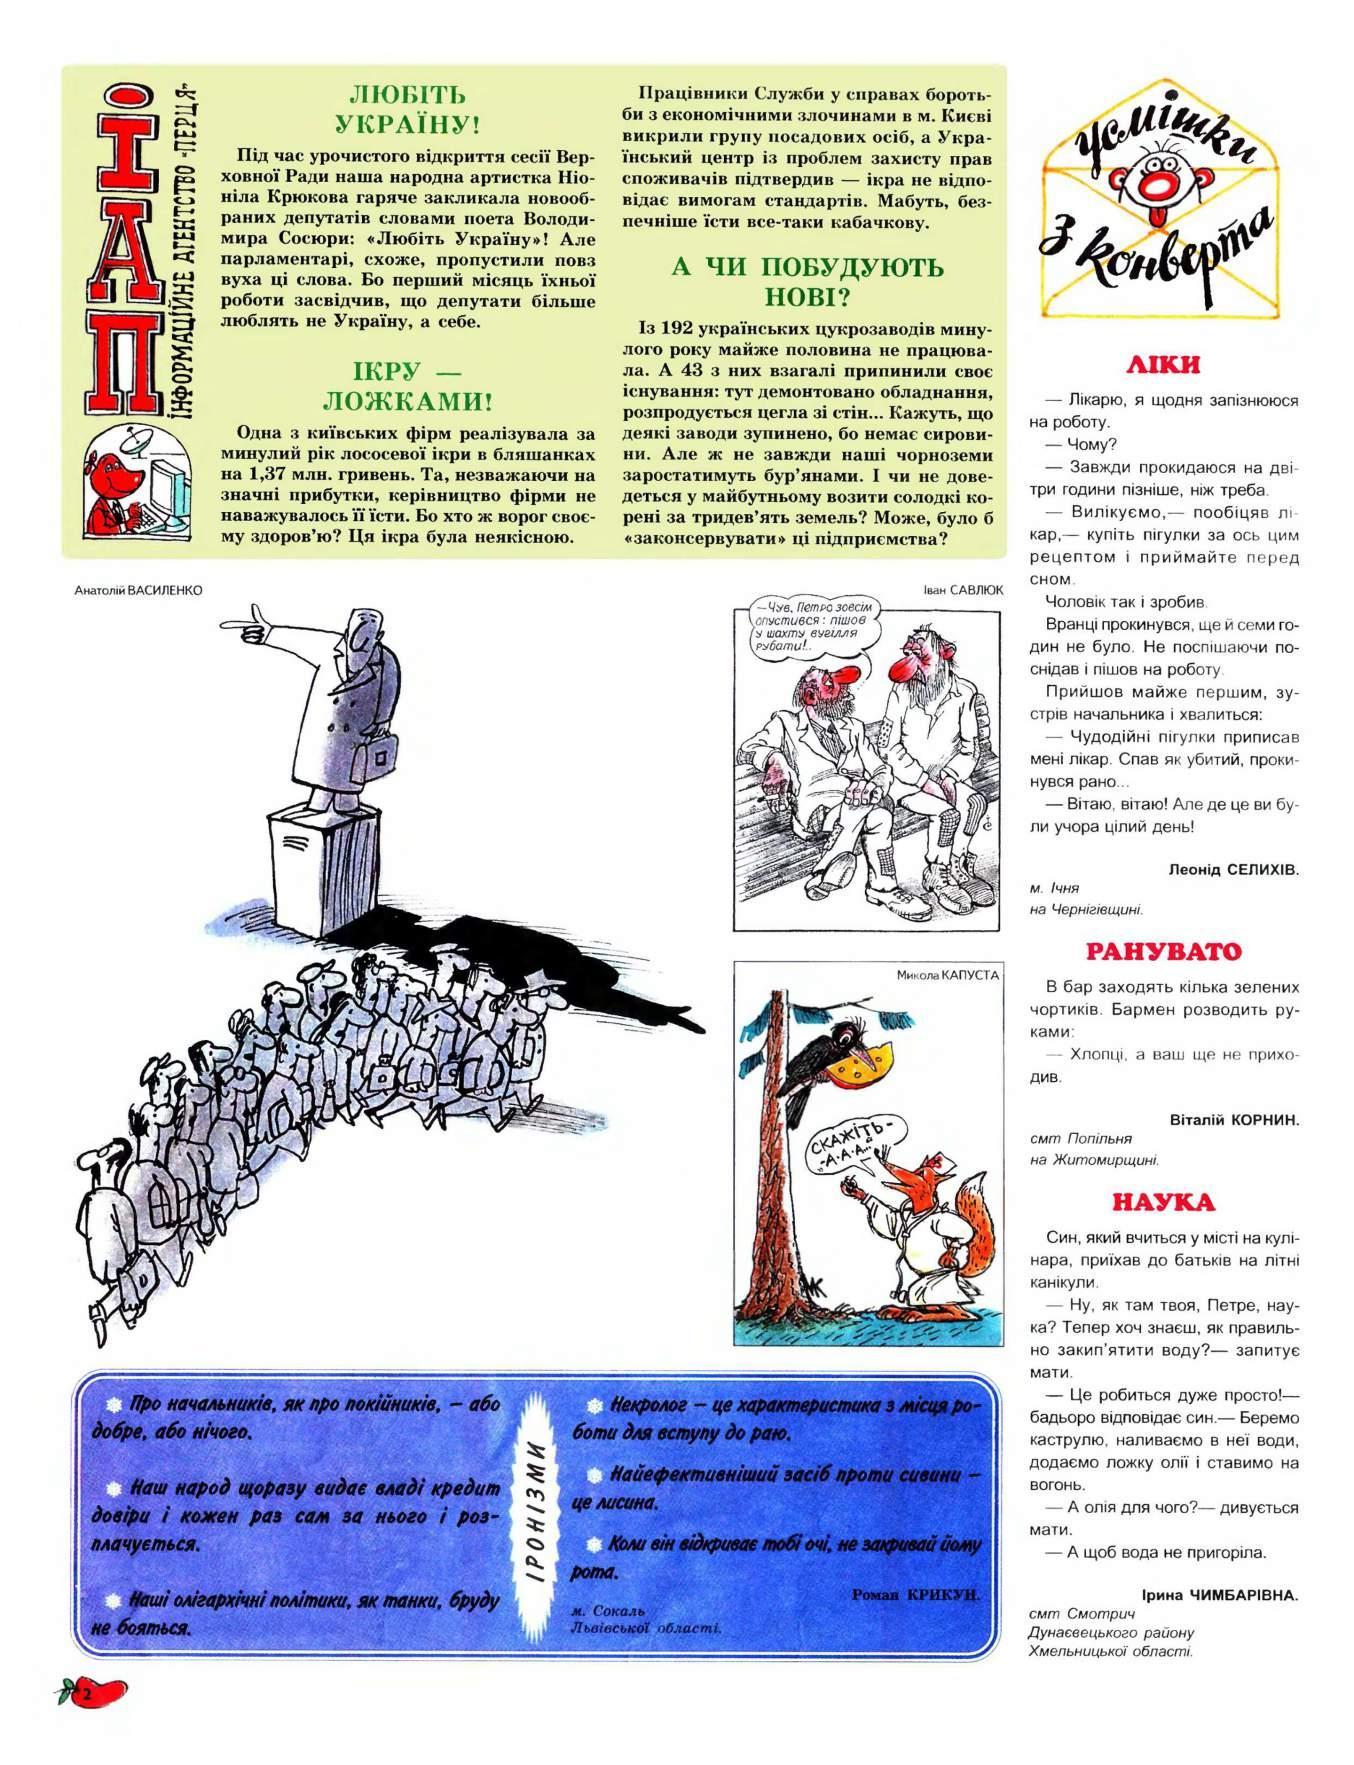 Журнал перець 2006 №07